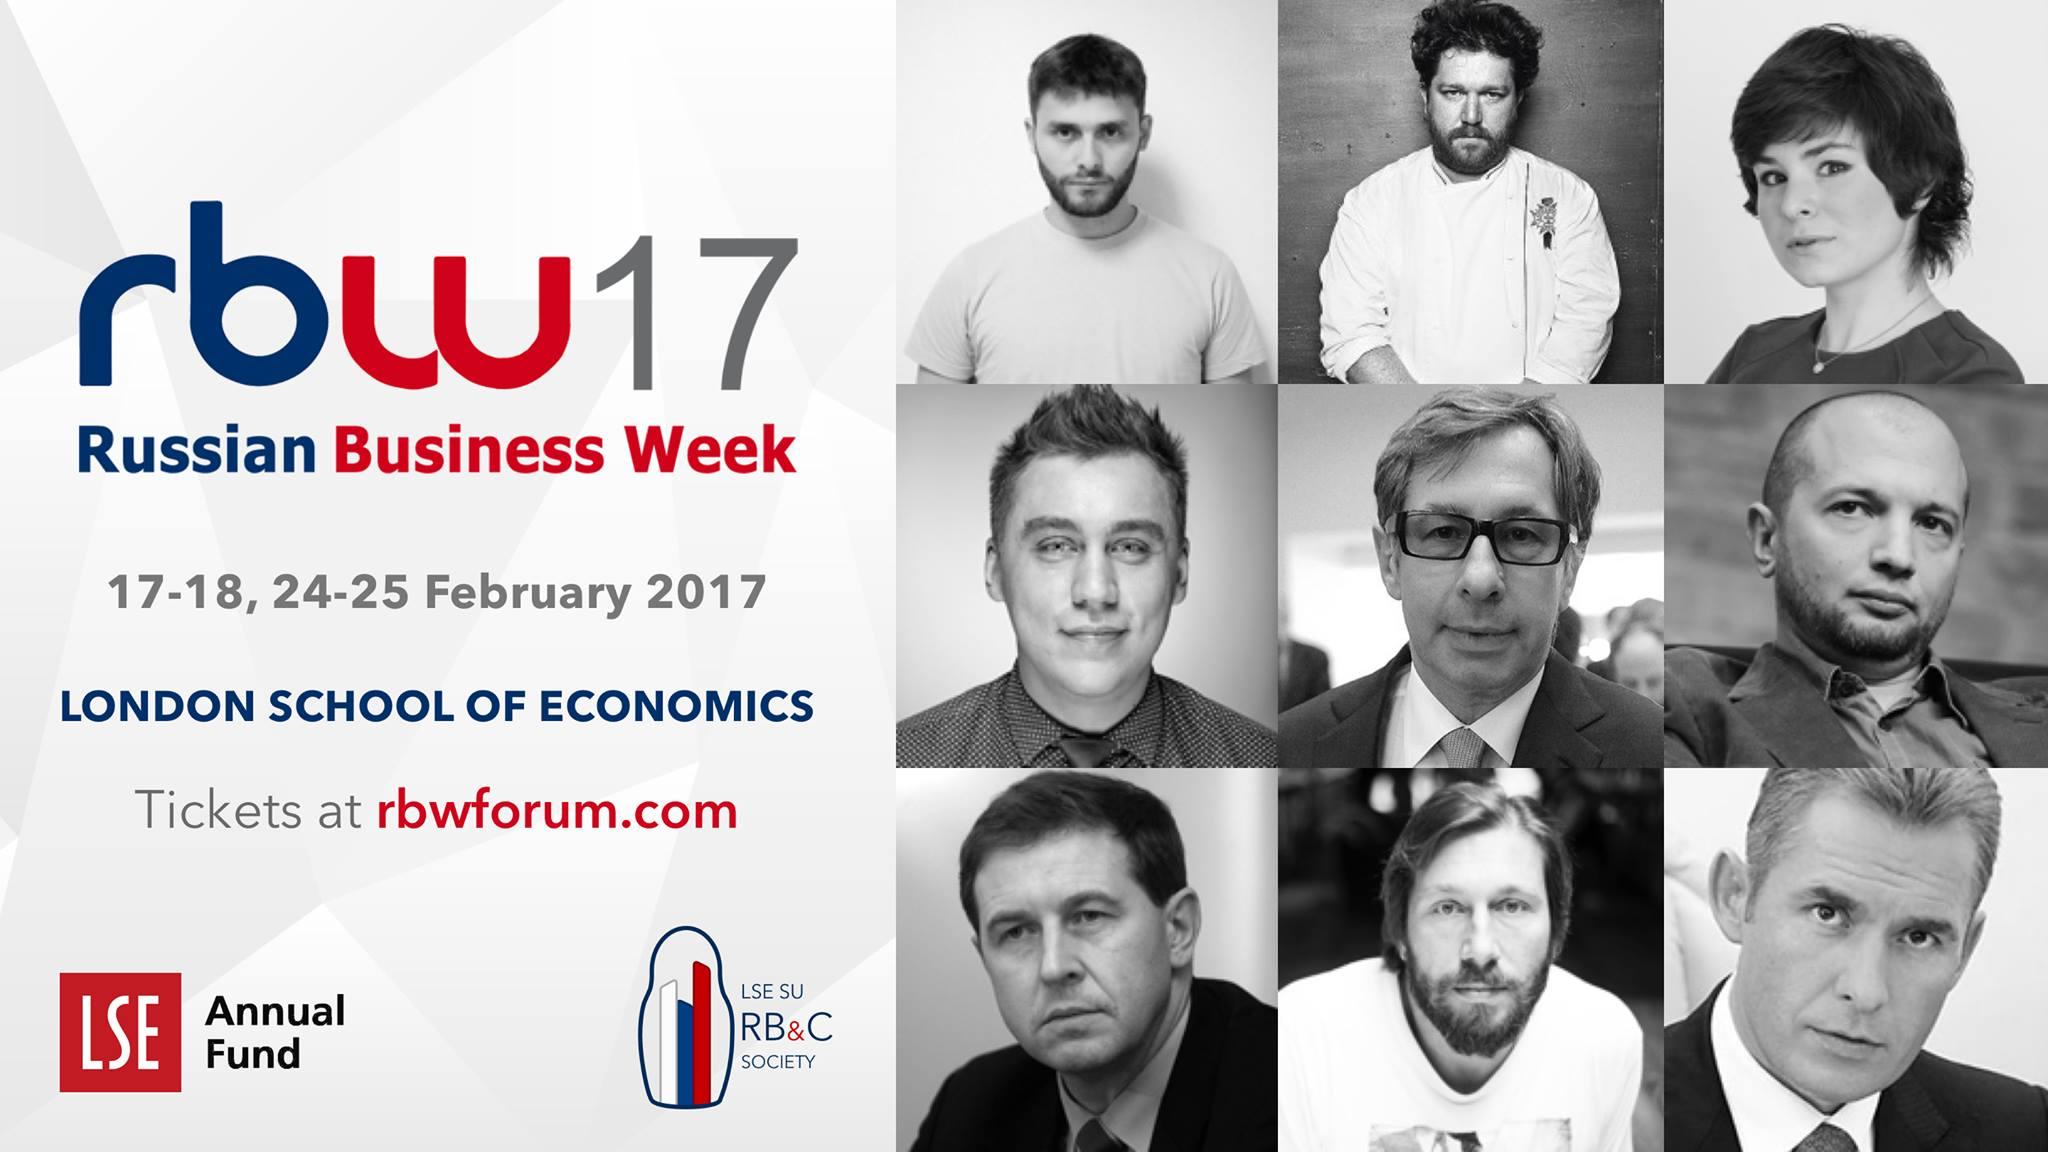 Russian Business Week in London